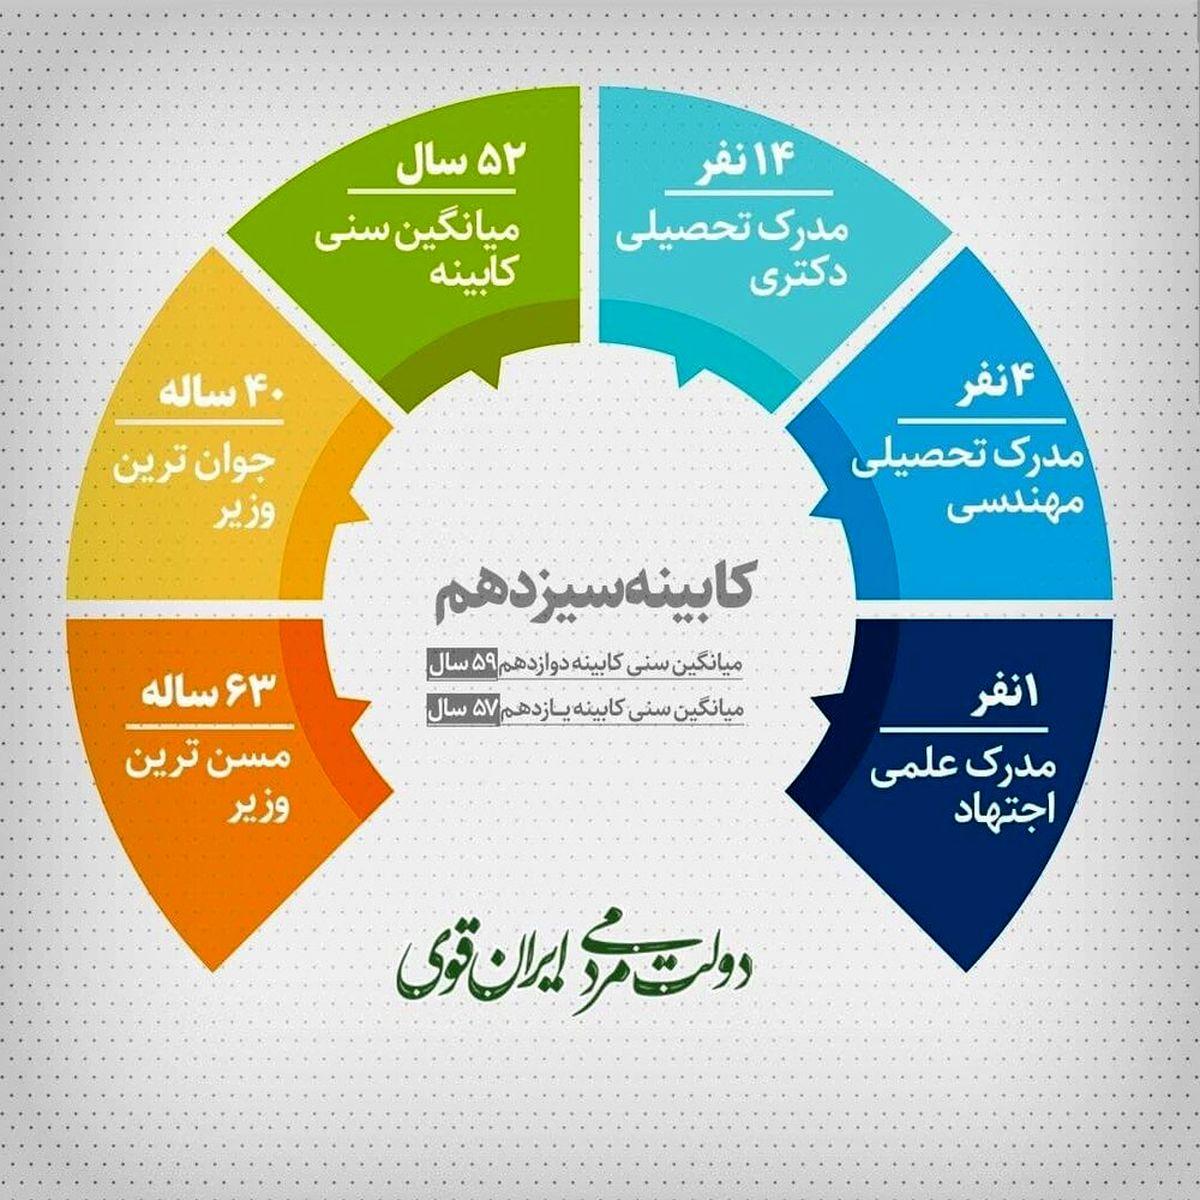 ویژگیهای کابینه پیشنهادی دولت  جدید